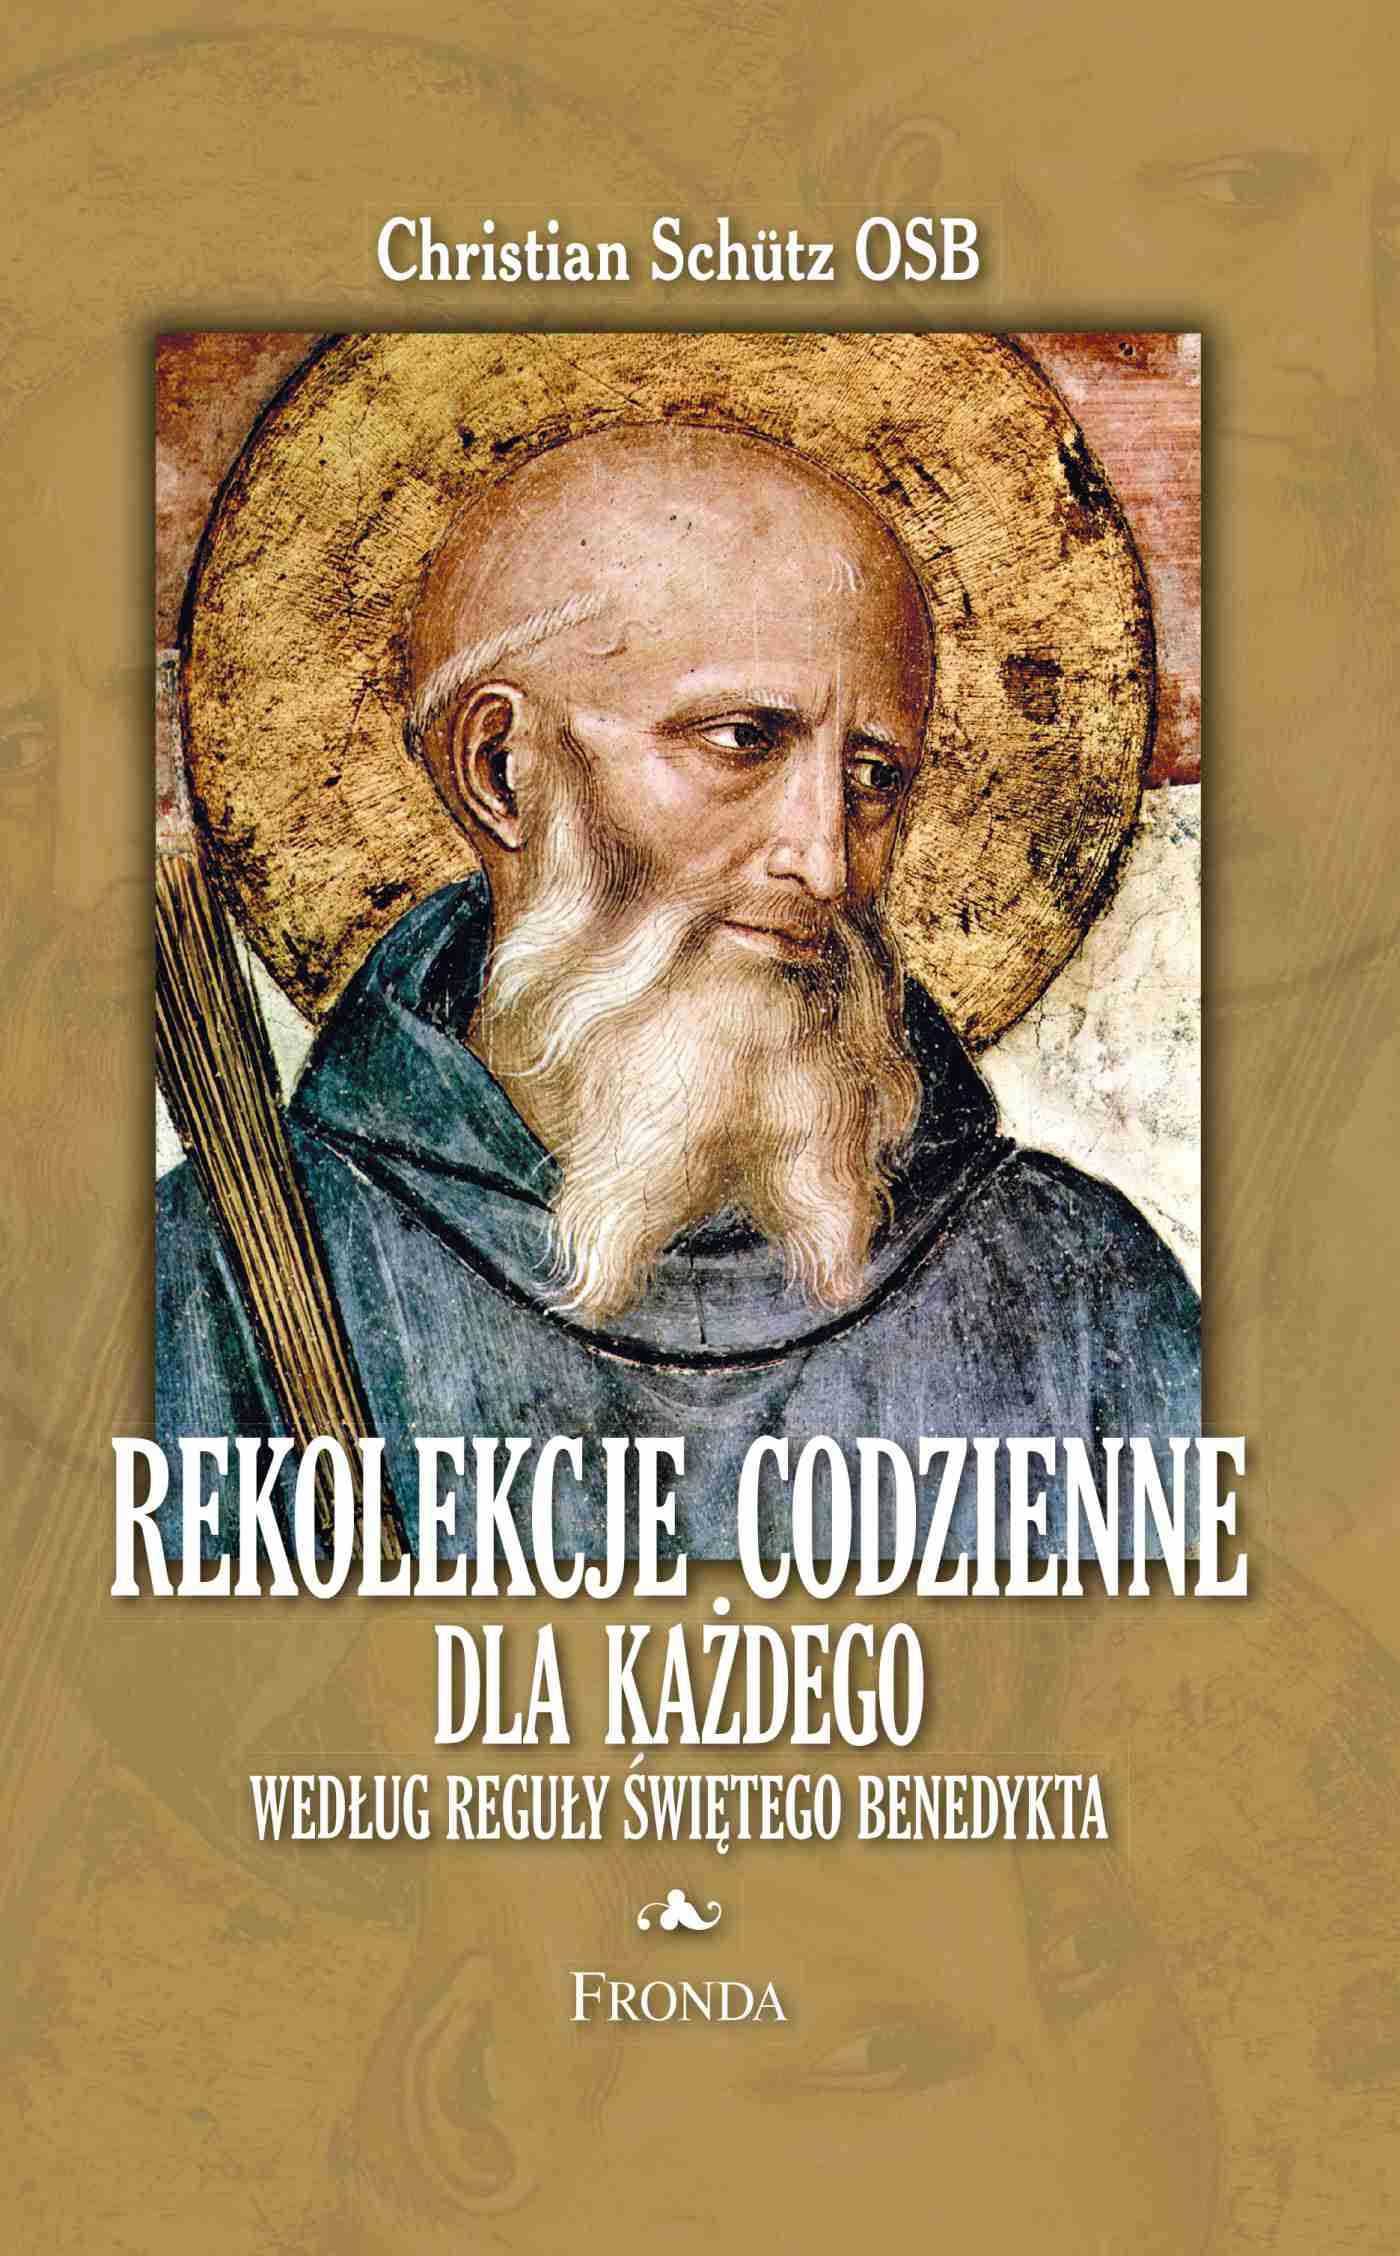 Rekolekcje codzienne według reguły św. Benedykta - Ebook (Książka PDF) do pobrania w formacie PDF